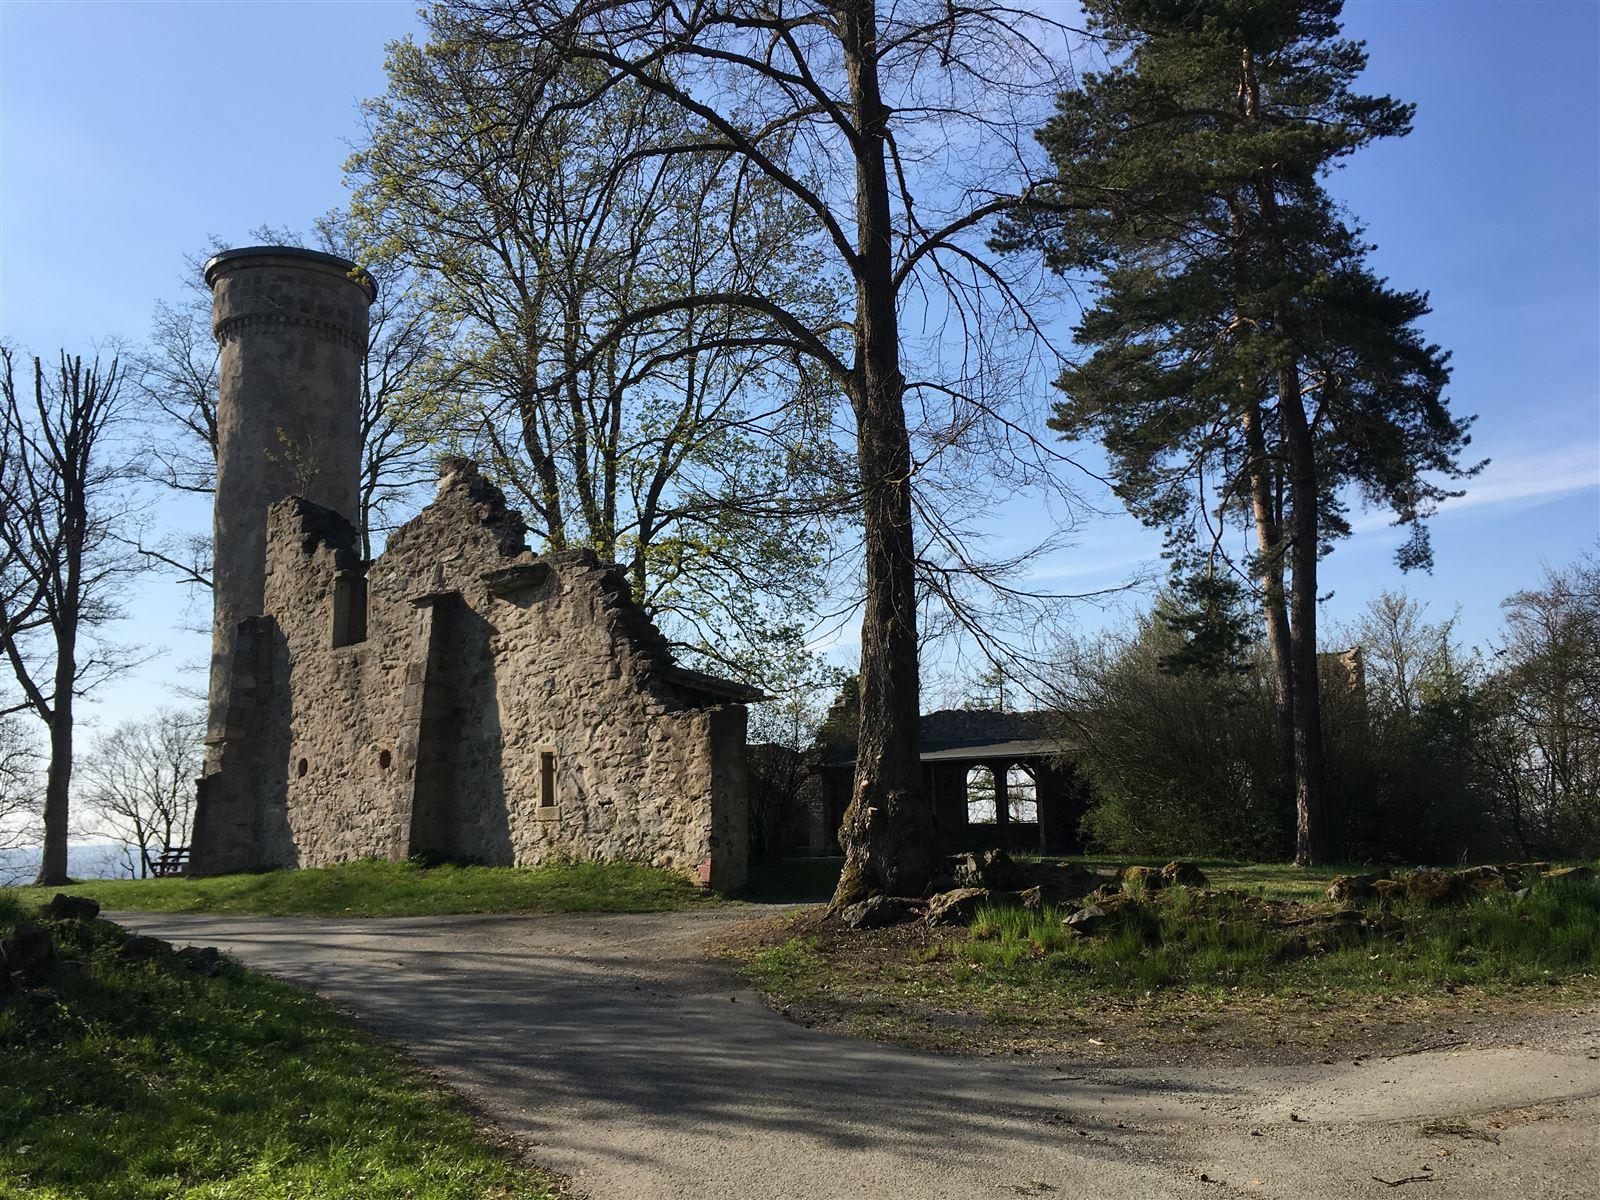 Das Labyrinth - eine künstliche Burgruine am Theresienstein in Hof